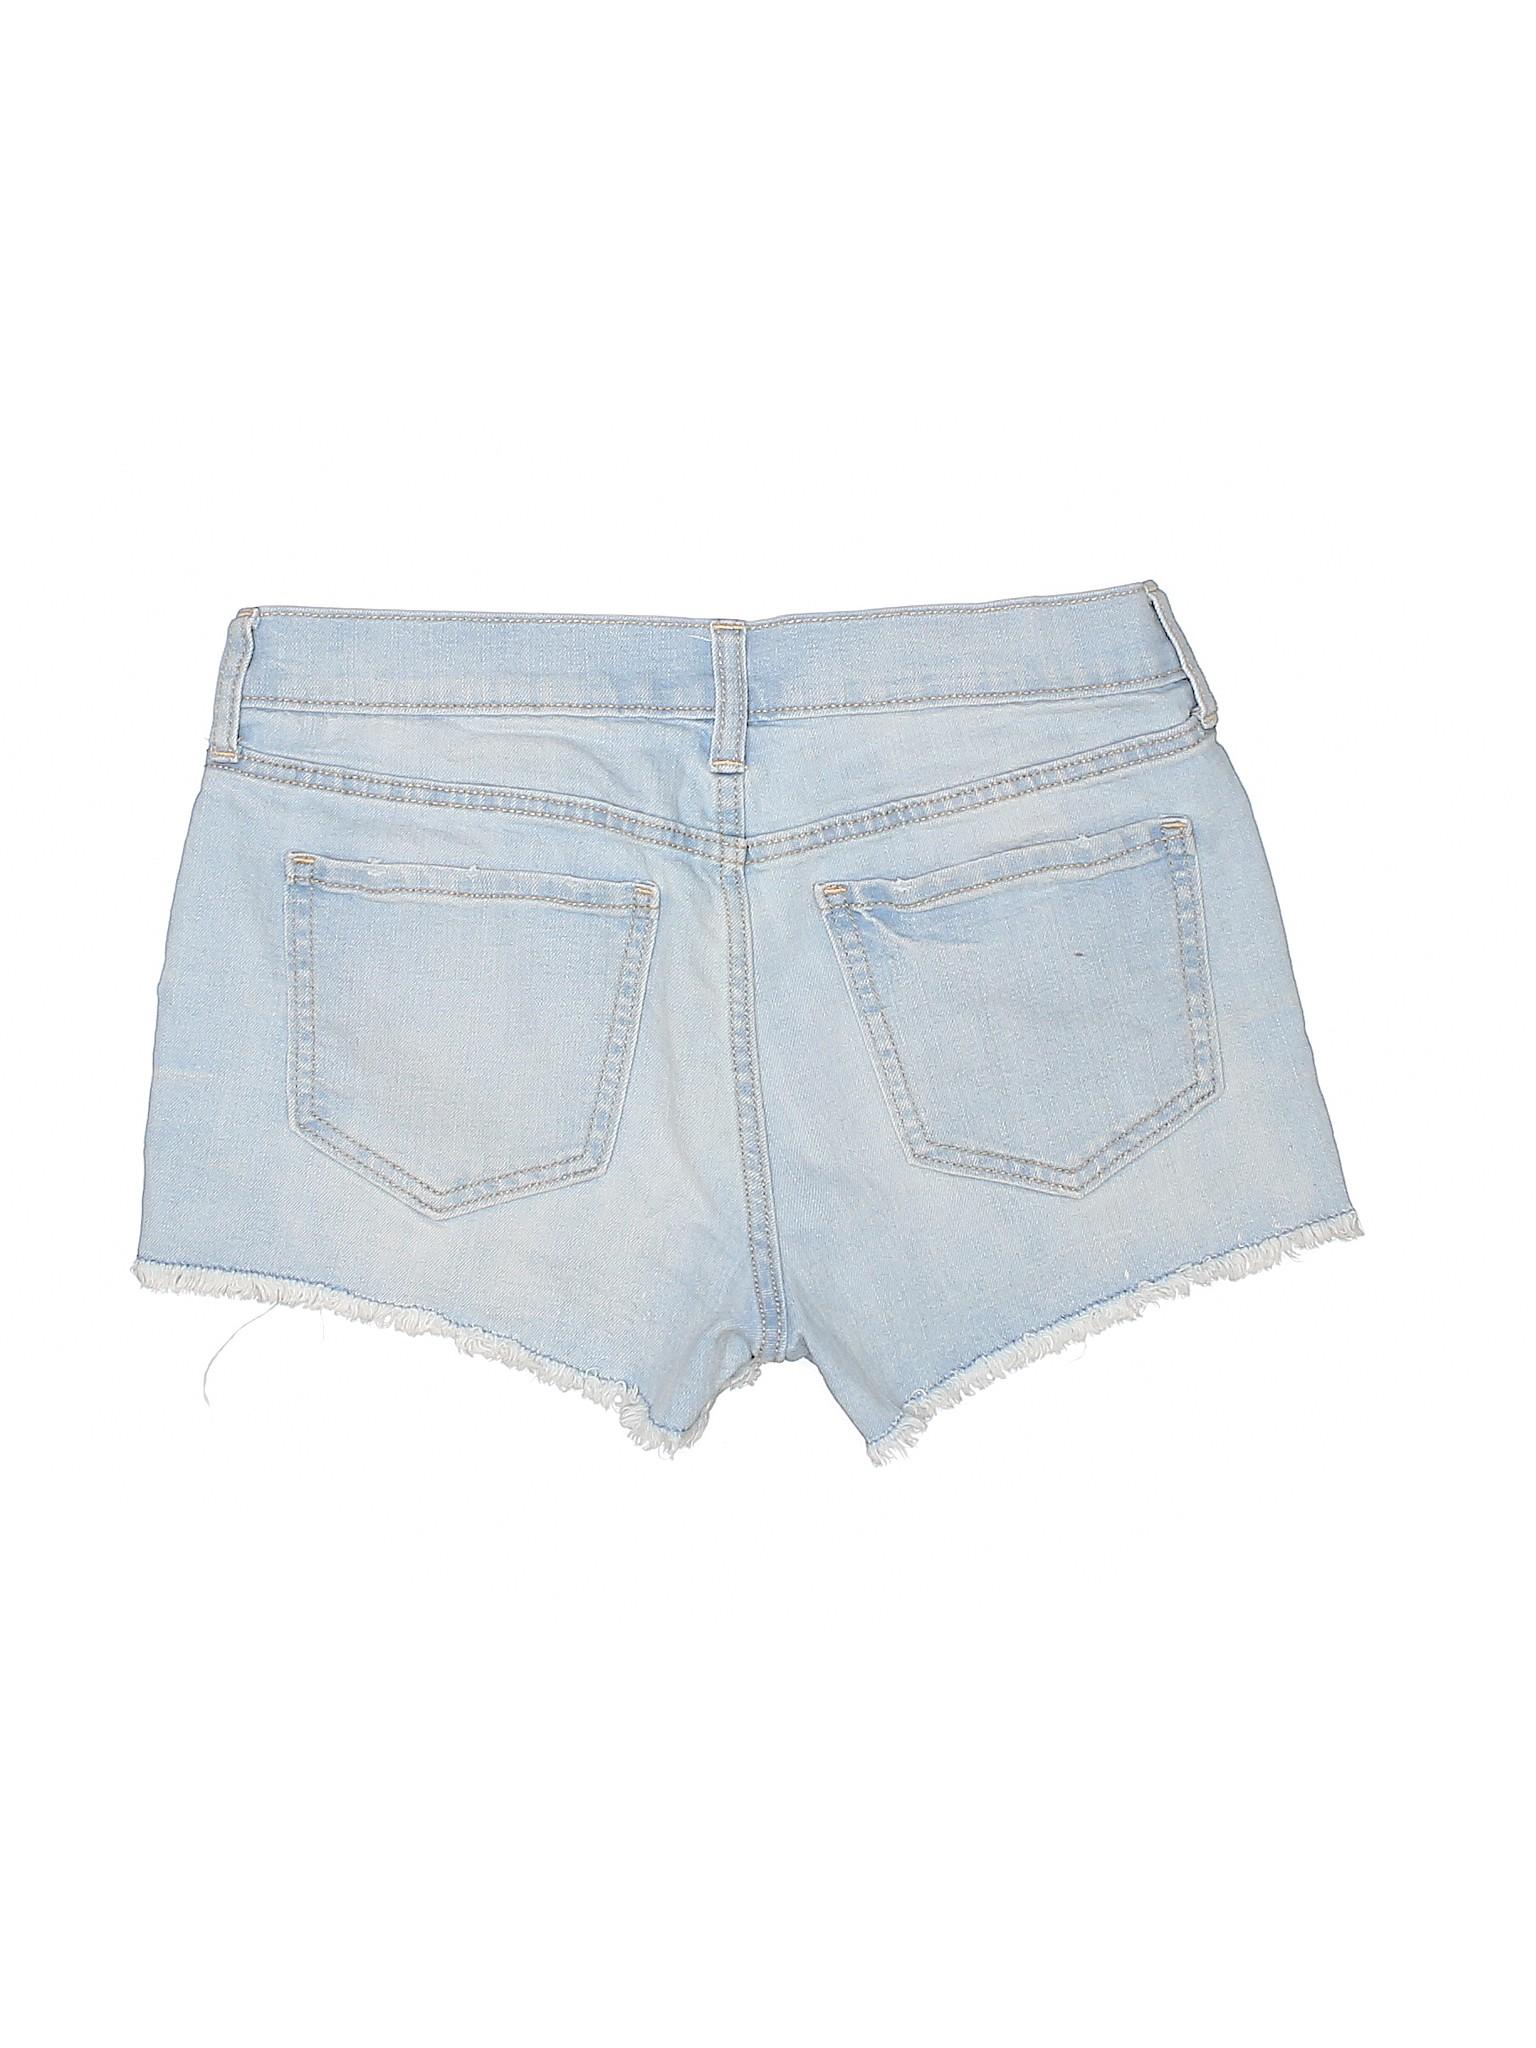 Shorts Boutique Boutique Navy Denim Old Old XwZ5q0x0